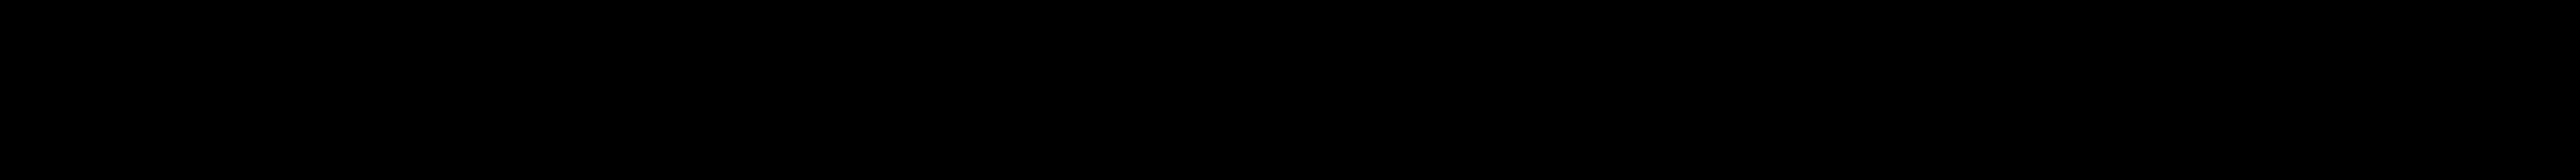 Marvel Fonts Fontspace